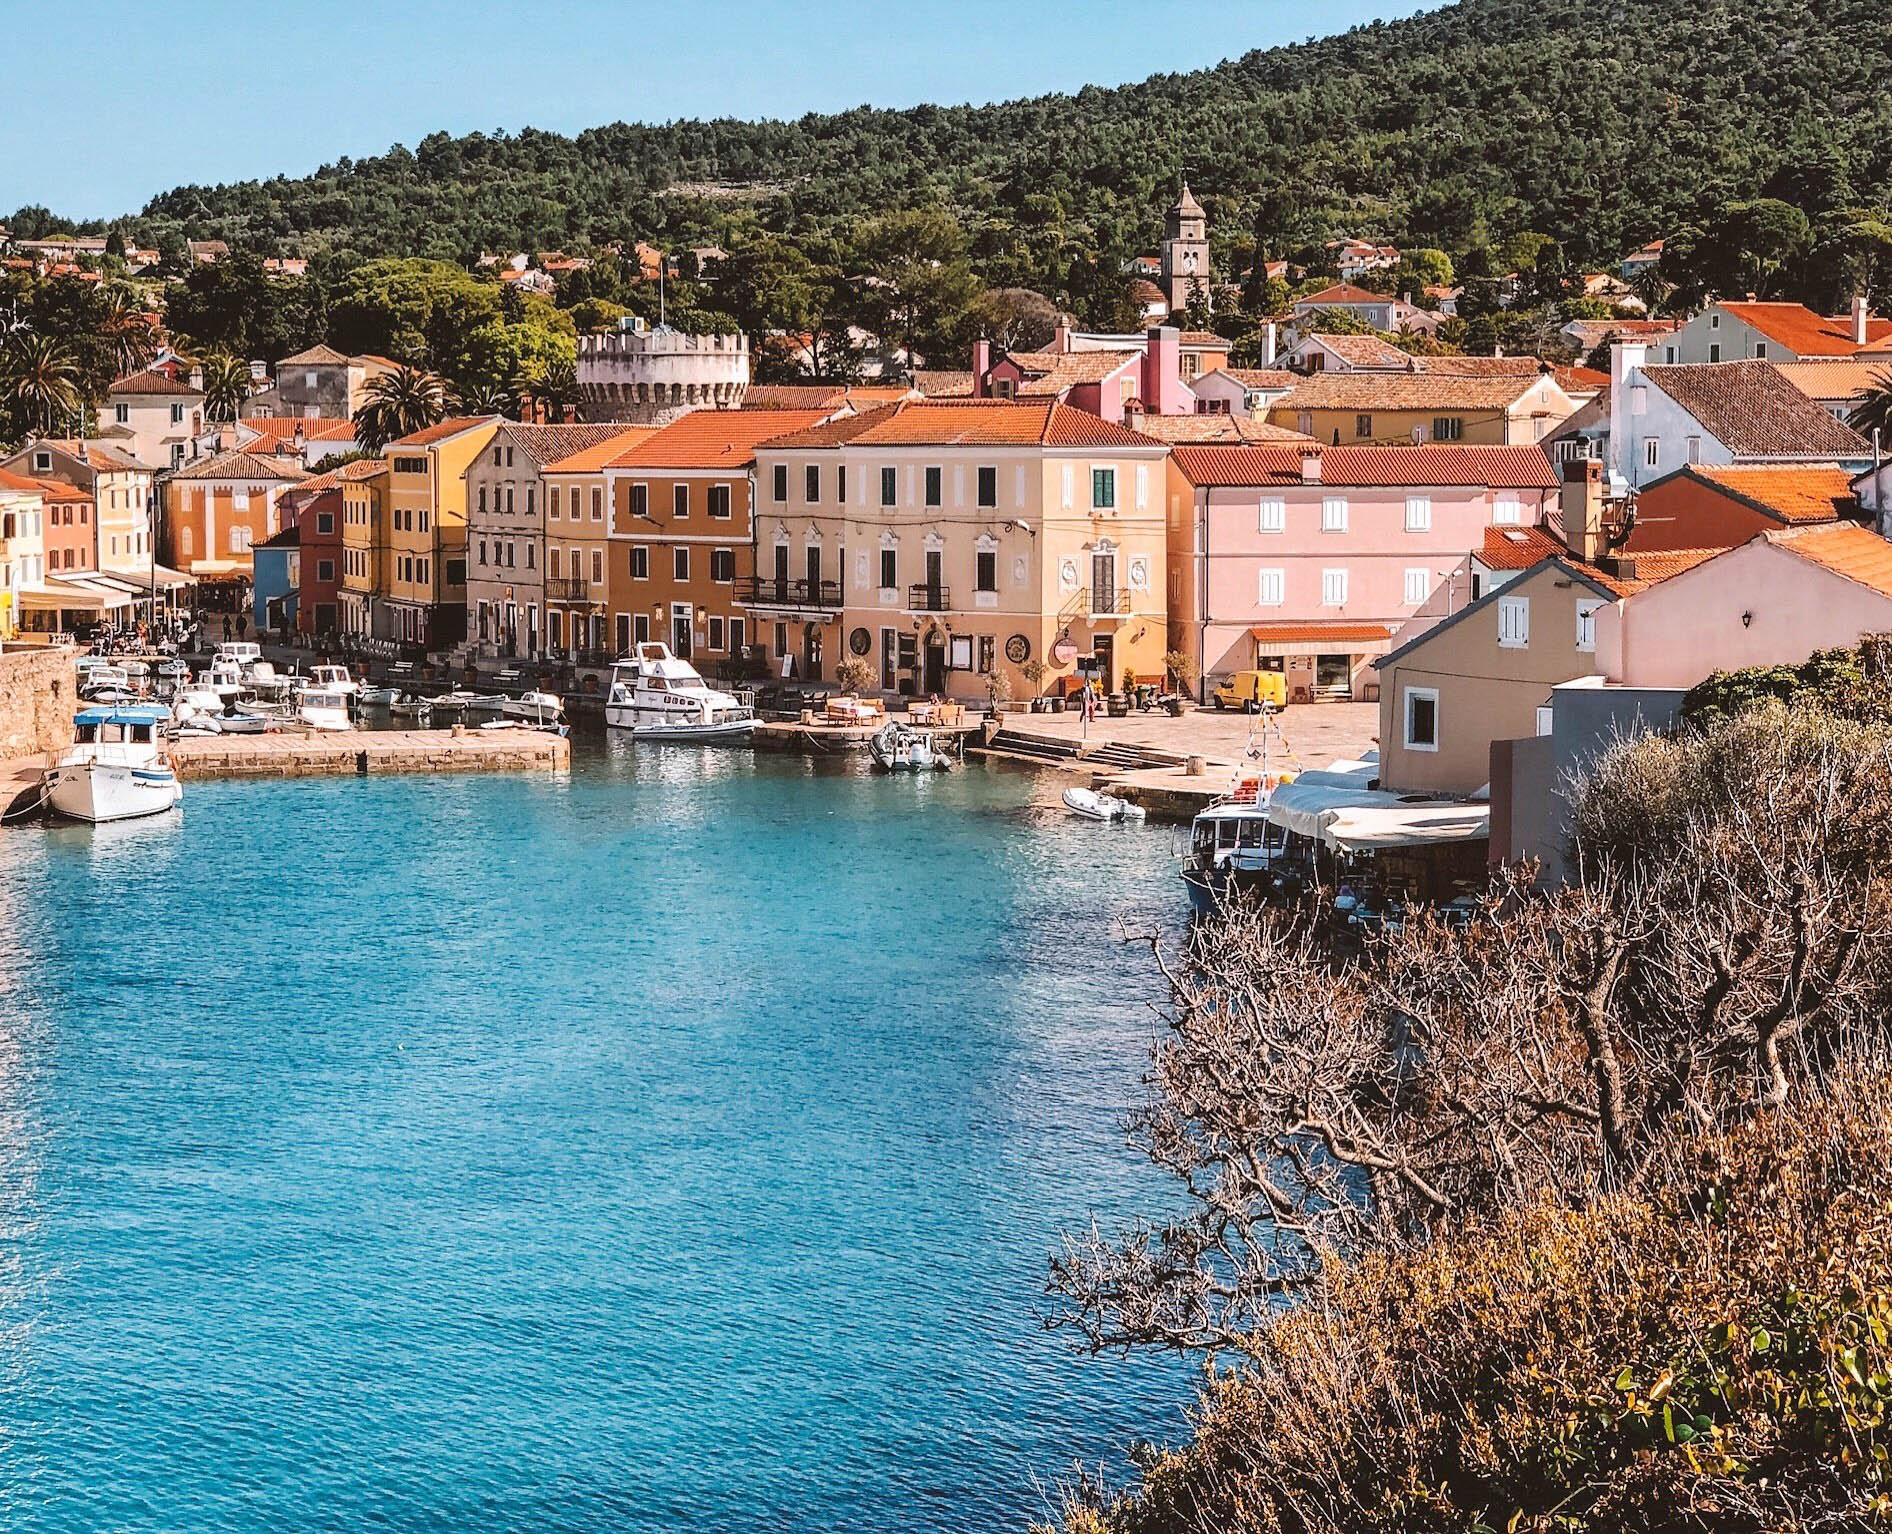 The pastel town of Veli Lôsinj, Croatia